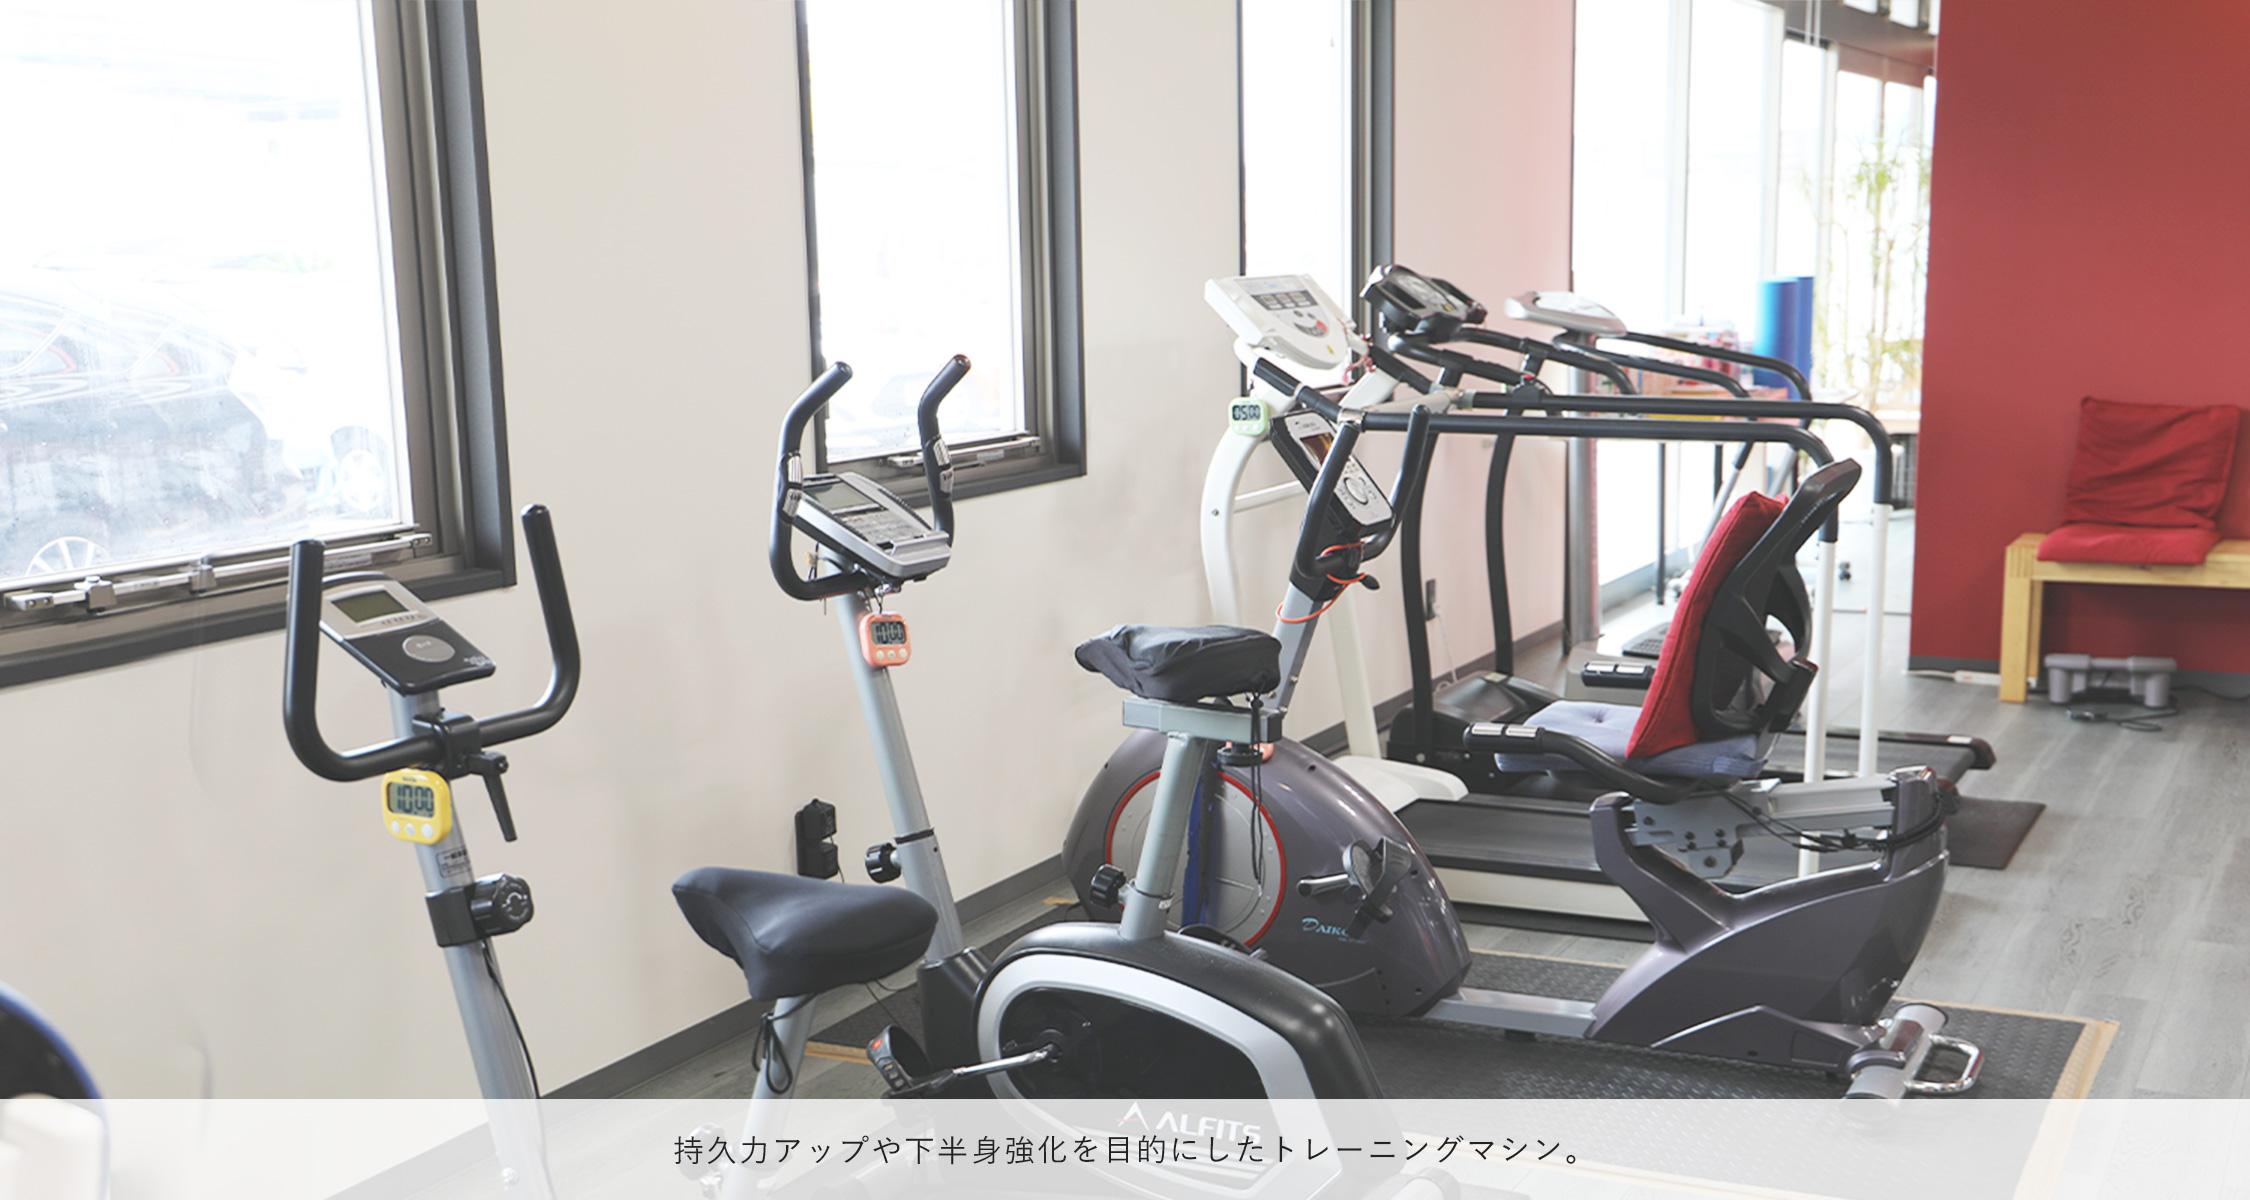 持久力アップや下半身強化を目的にしたトレーニングマシン。